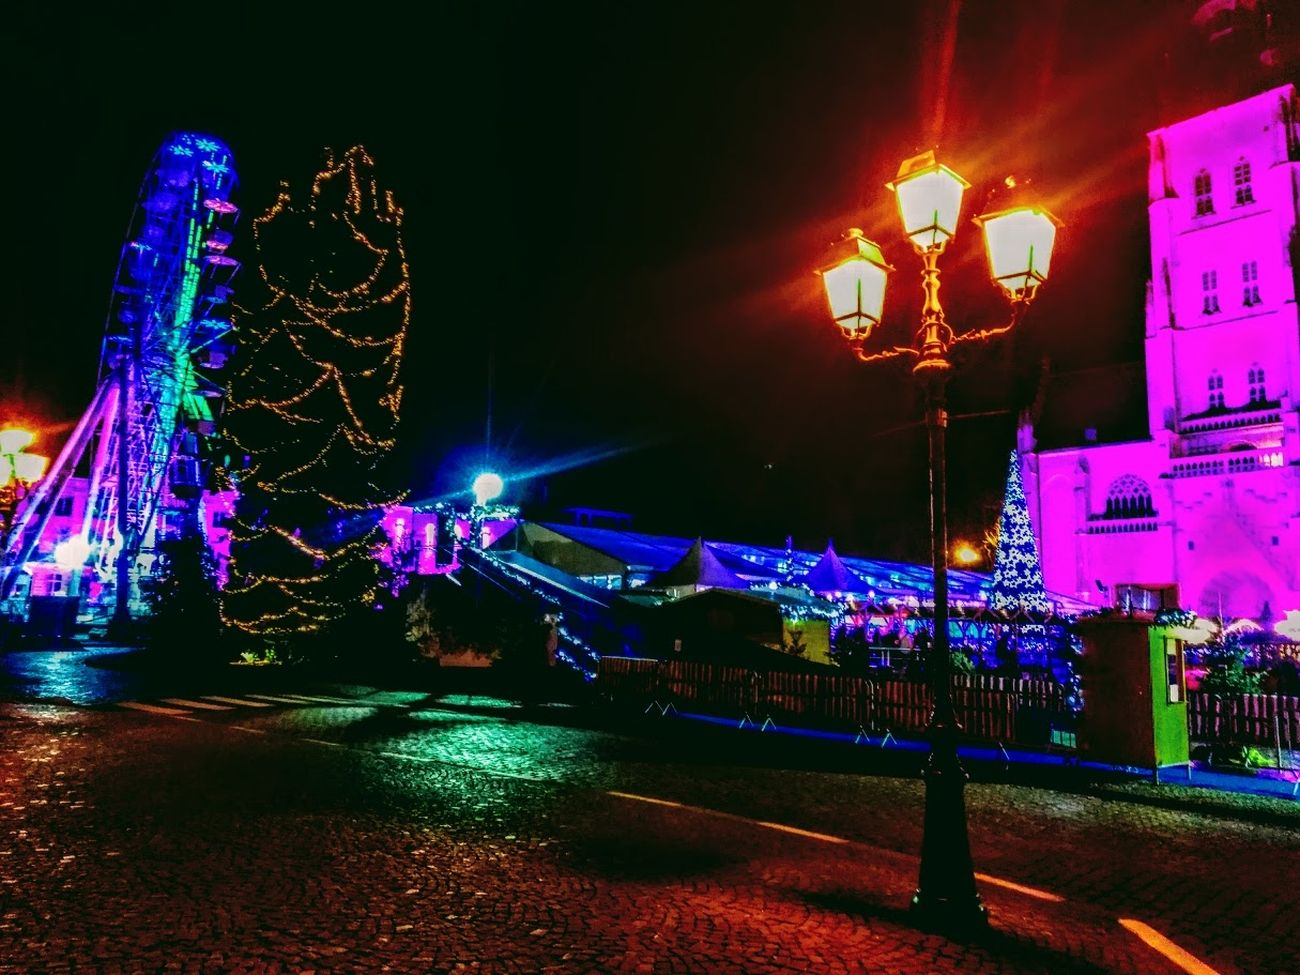 Winter magic in Tienen An annual event in Tienen